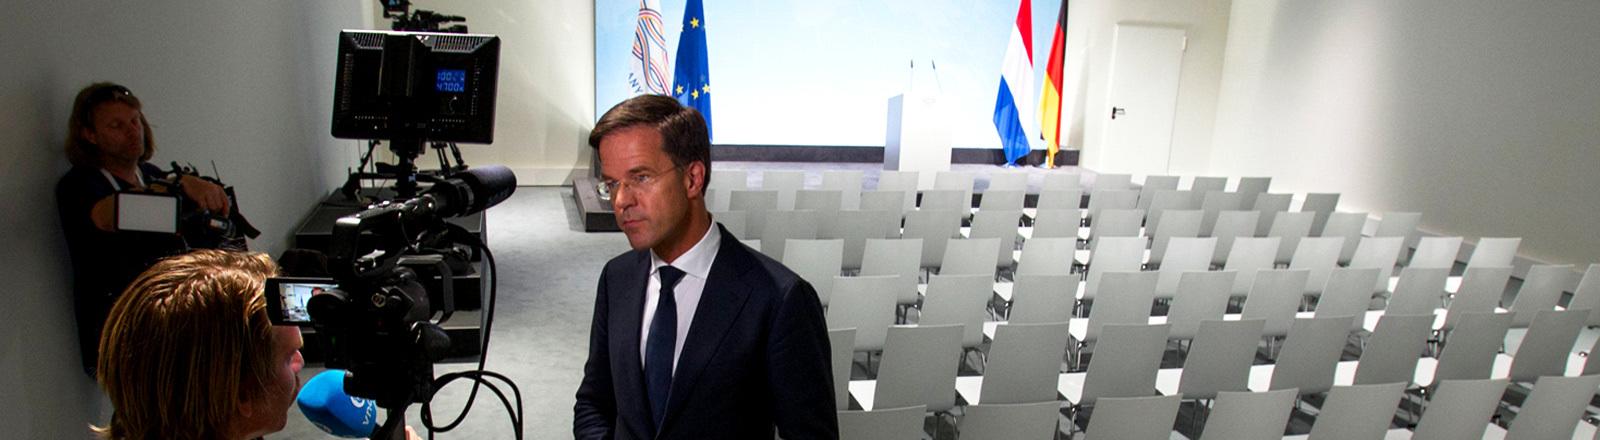 G20: Journalisten im Interview in einem leeren Saal